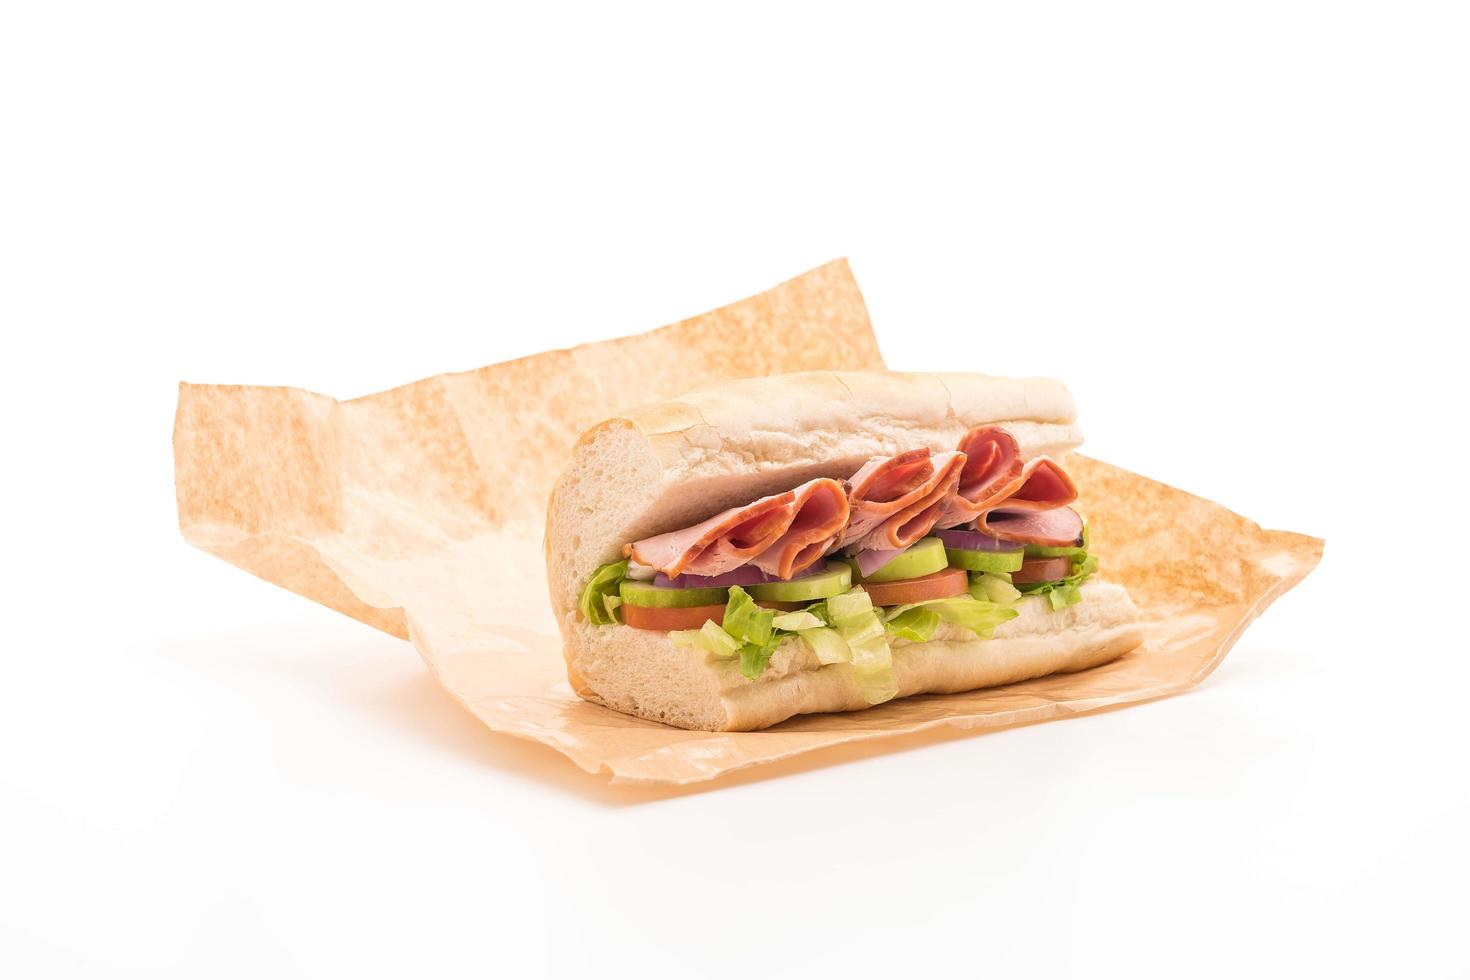 skinka ubåt smörgås på skärbräda foto